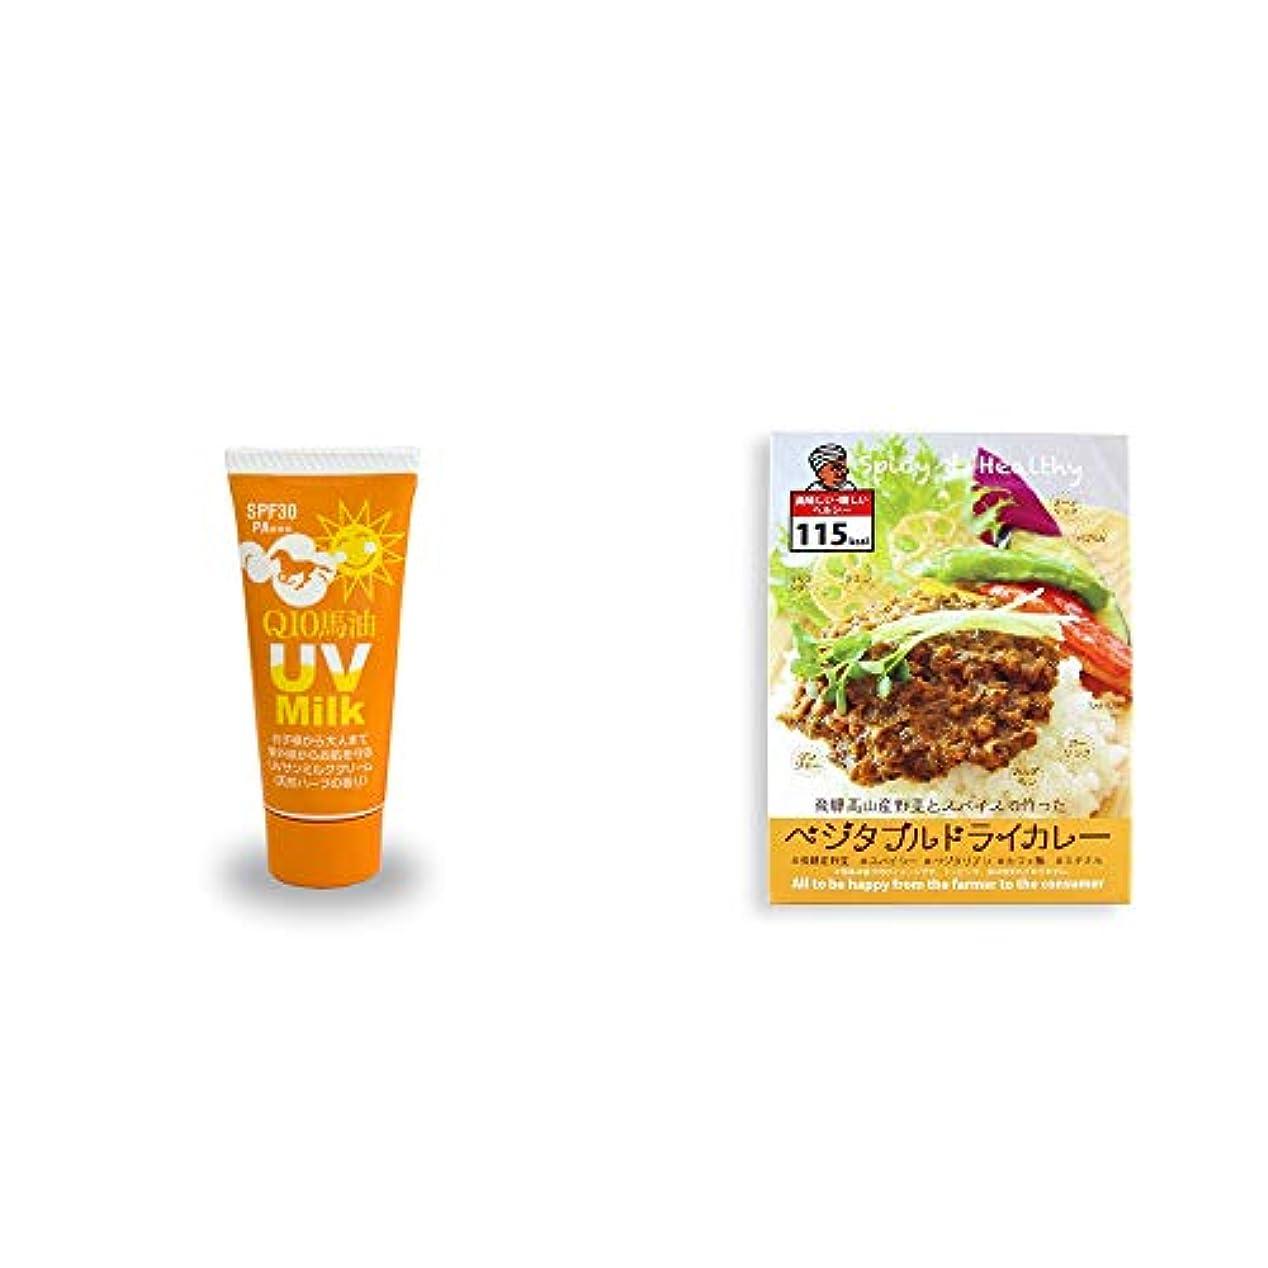 ピンポイント肝カロリー[2点セット] 炭黒泉 Q10馬油 UVサンミルク[天然ハーブ](40g)?飛騨産野菜とスパイスで作ったベジタブルドライカレー(100g)